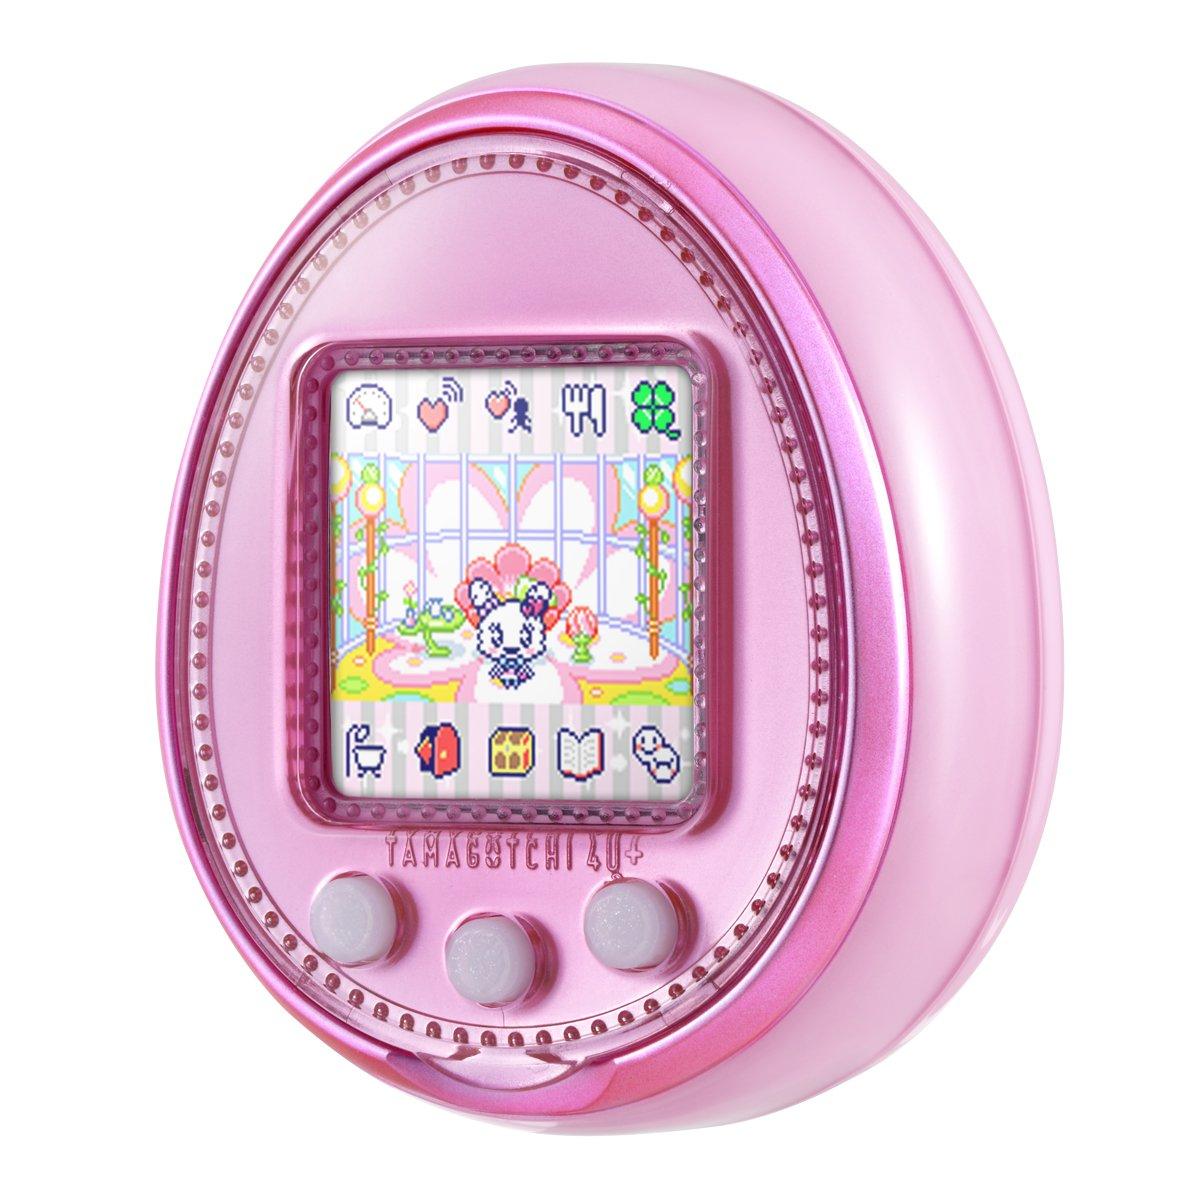 TAMAGOTCHI 4U+ Bandai - Baby Pink by Bandai (Image #2)